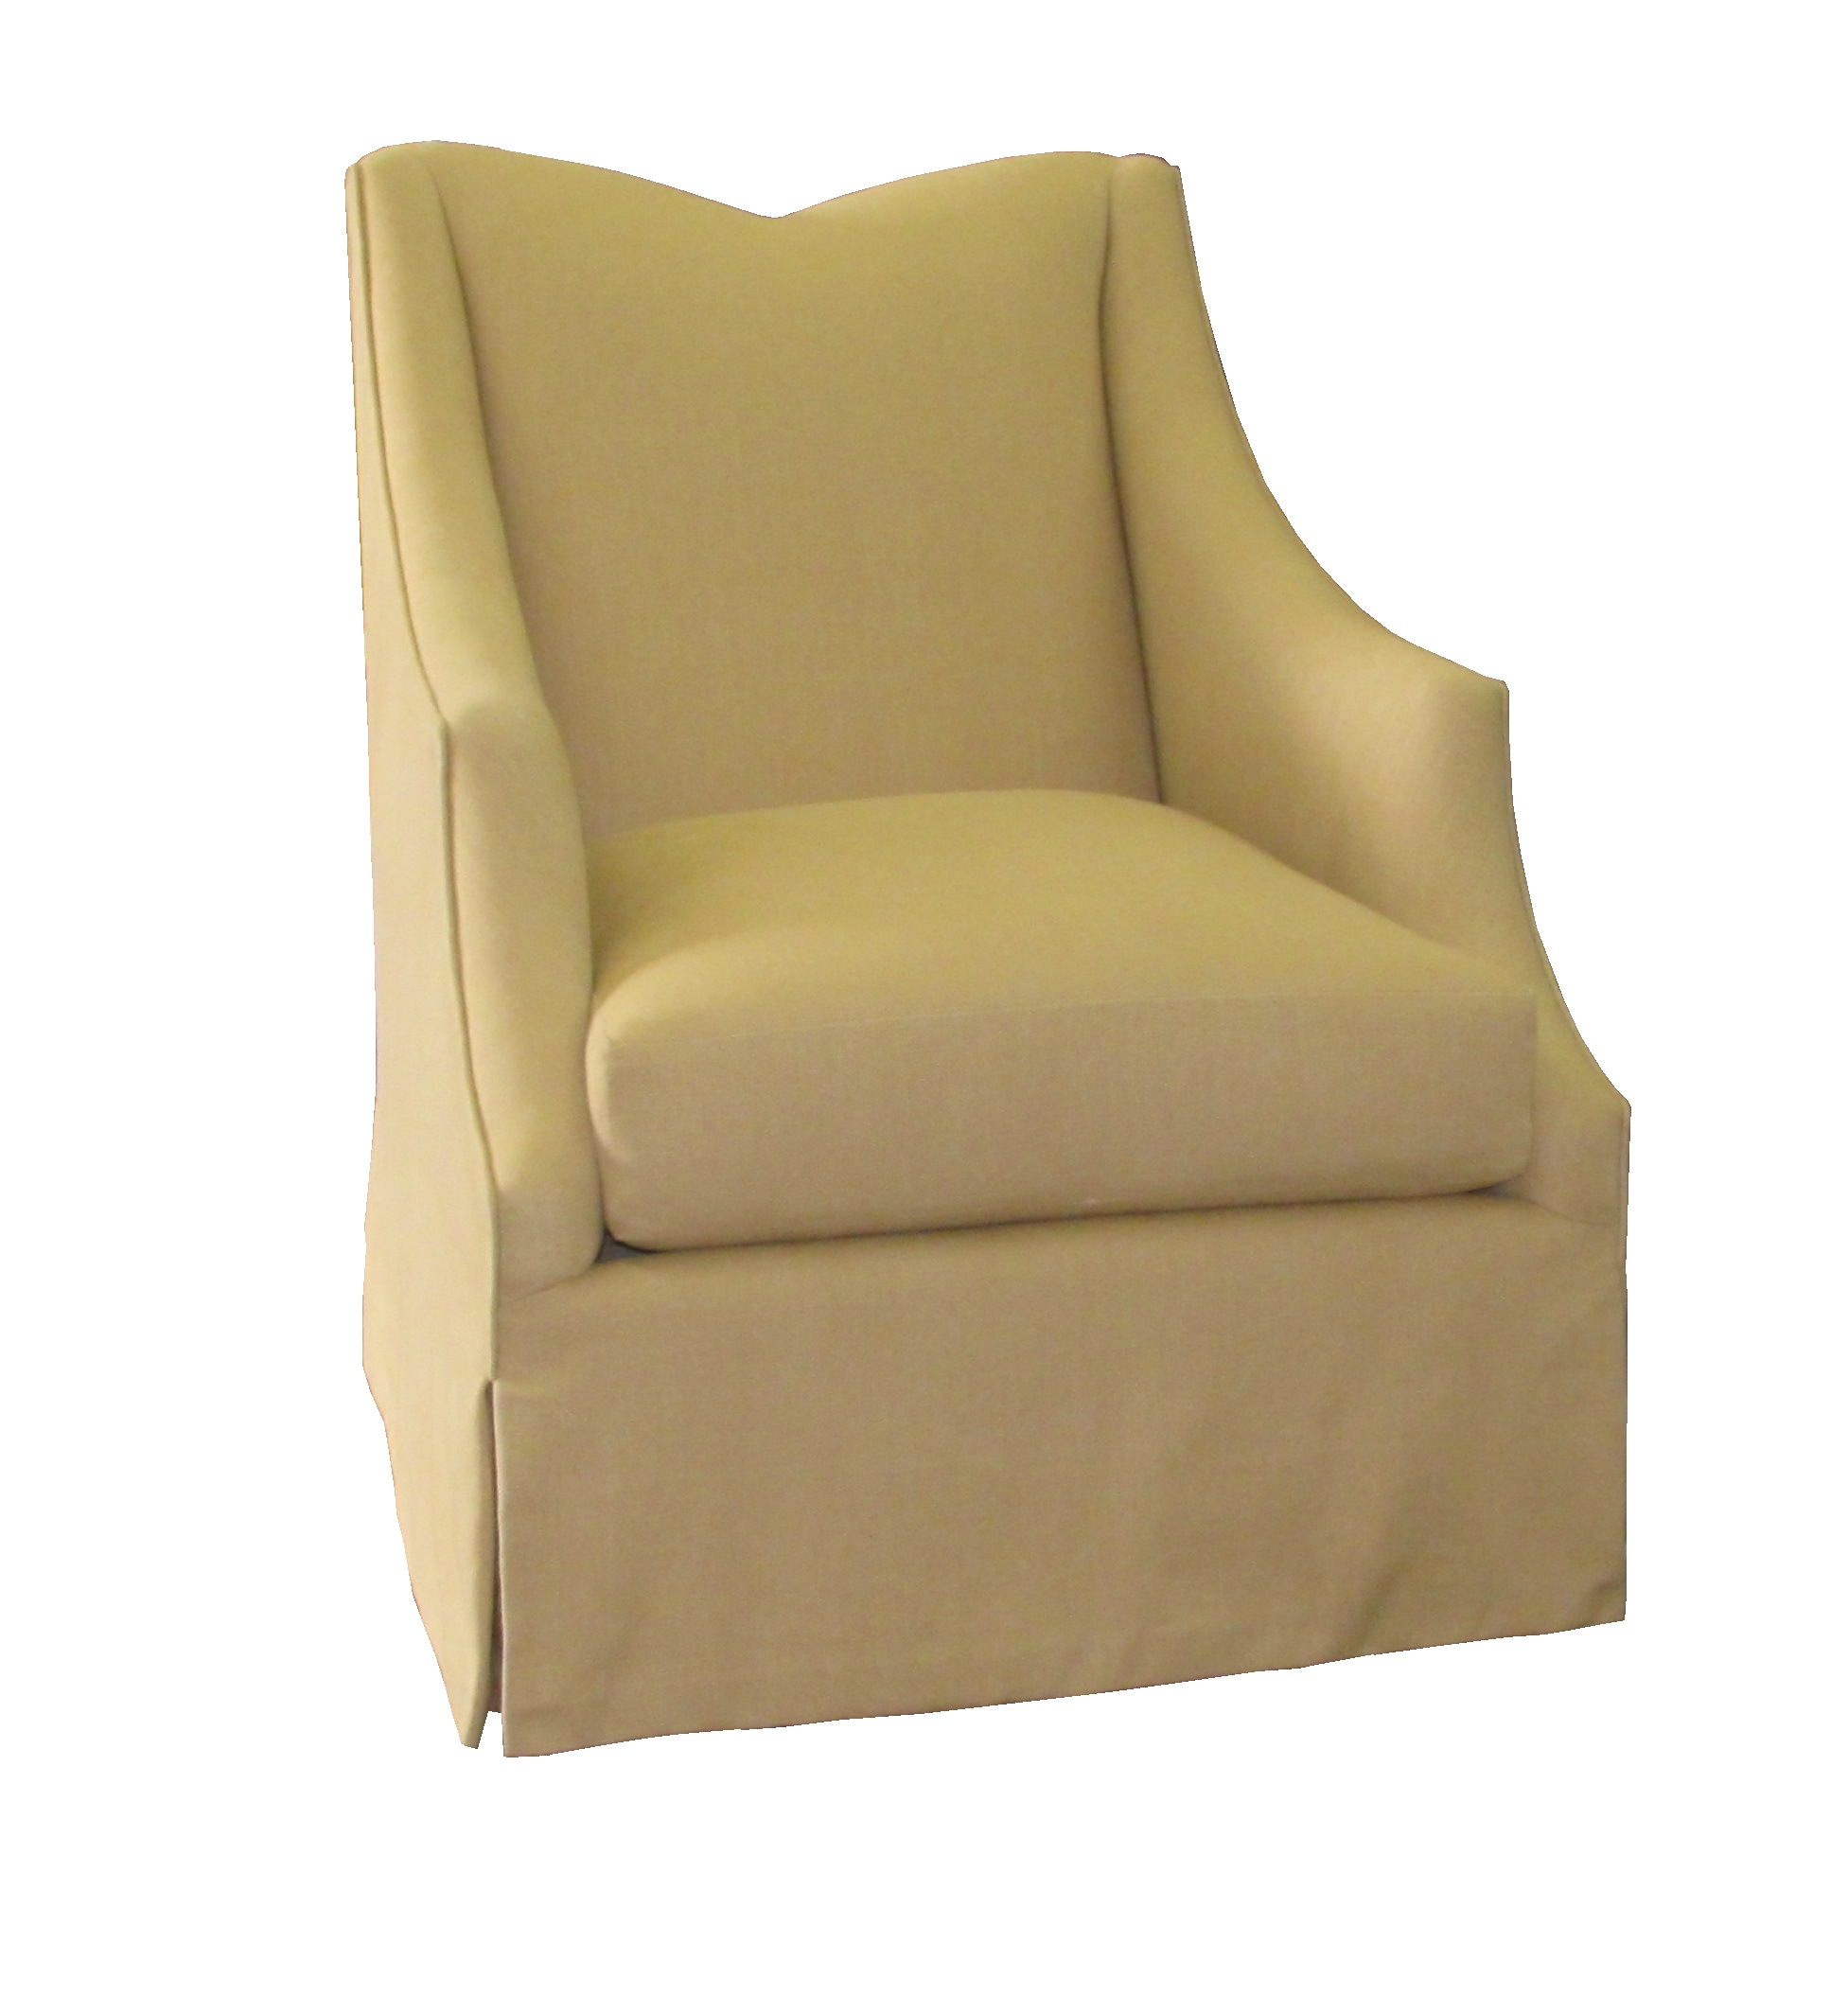 533 Chair